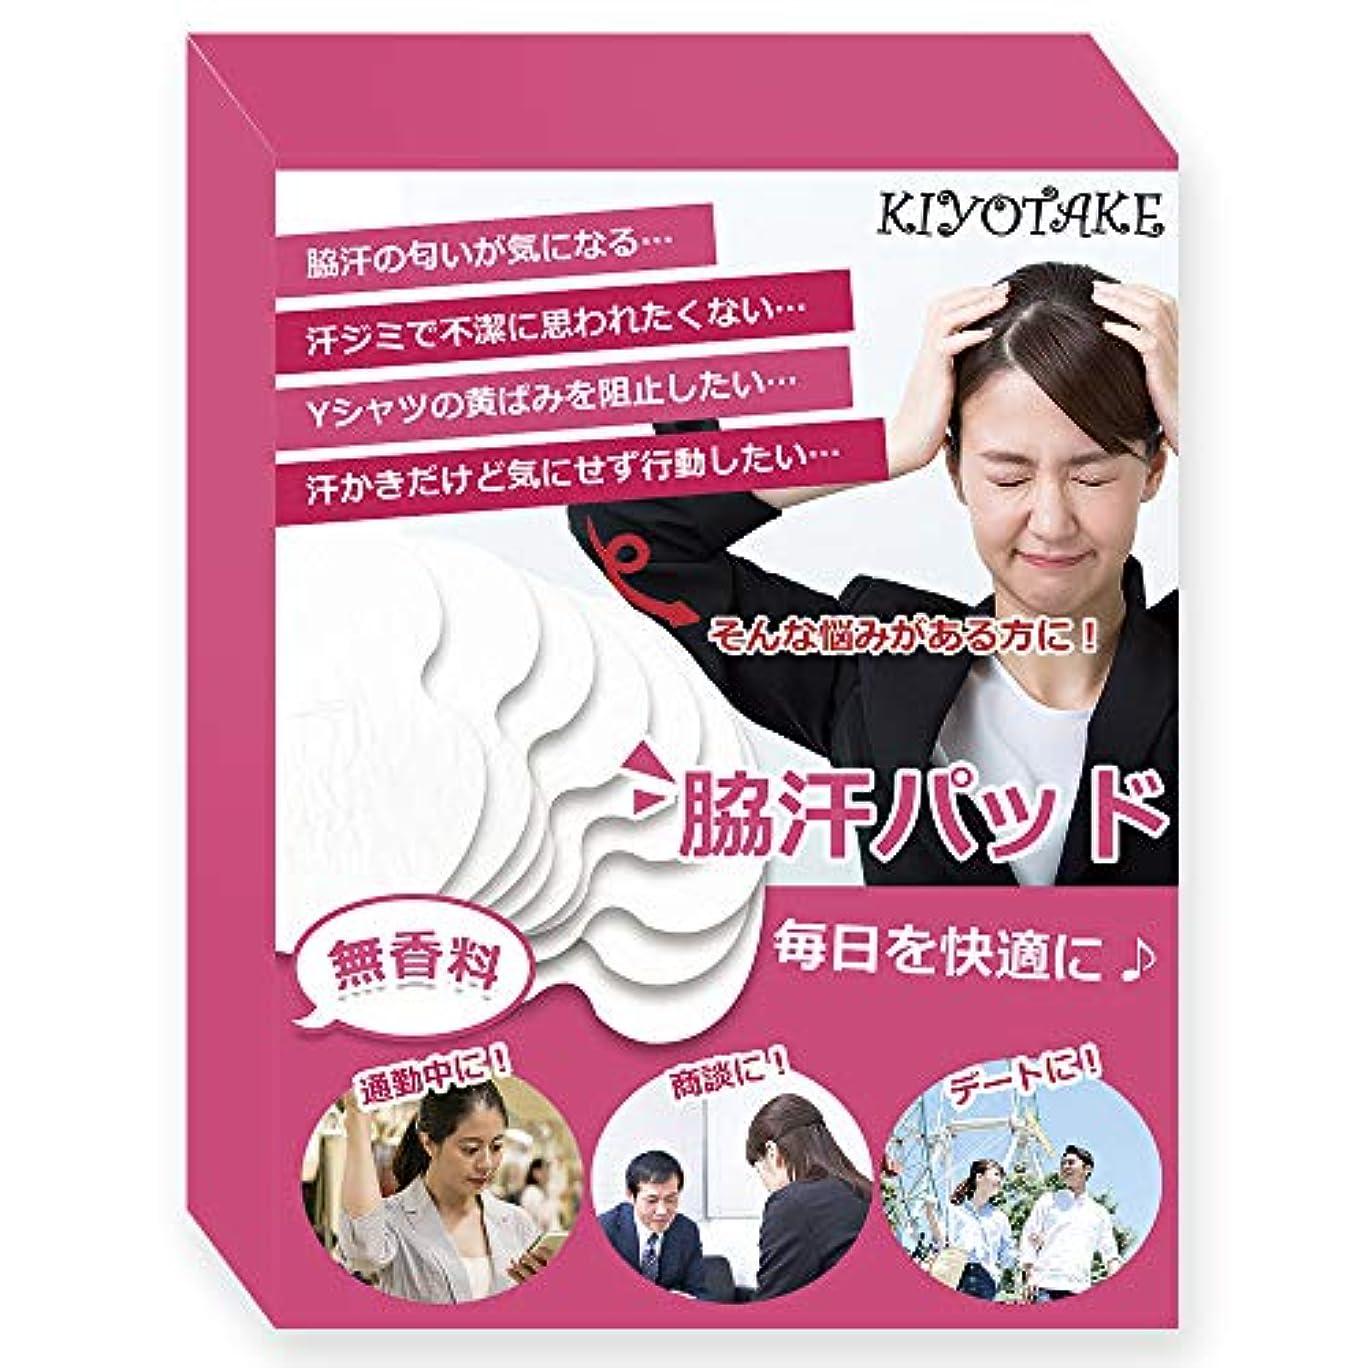 より急ぐ熱心な【kiyotake】 レディース 脇汗パッド 汗取り 汗じみ 防臭 防止 対策 女性用 40枚入り